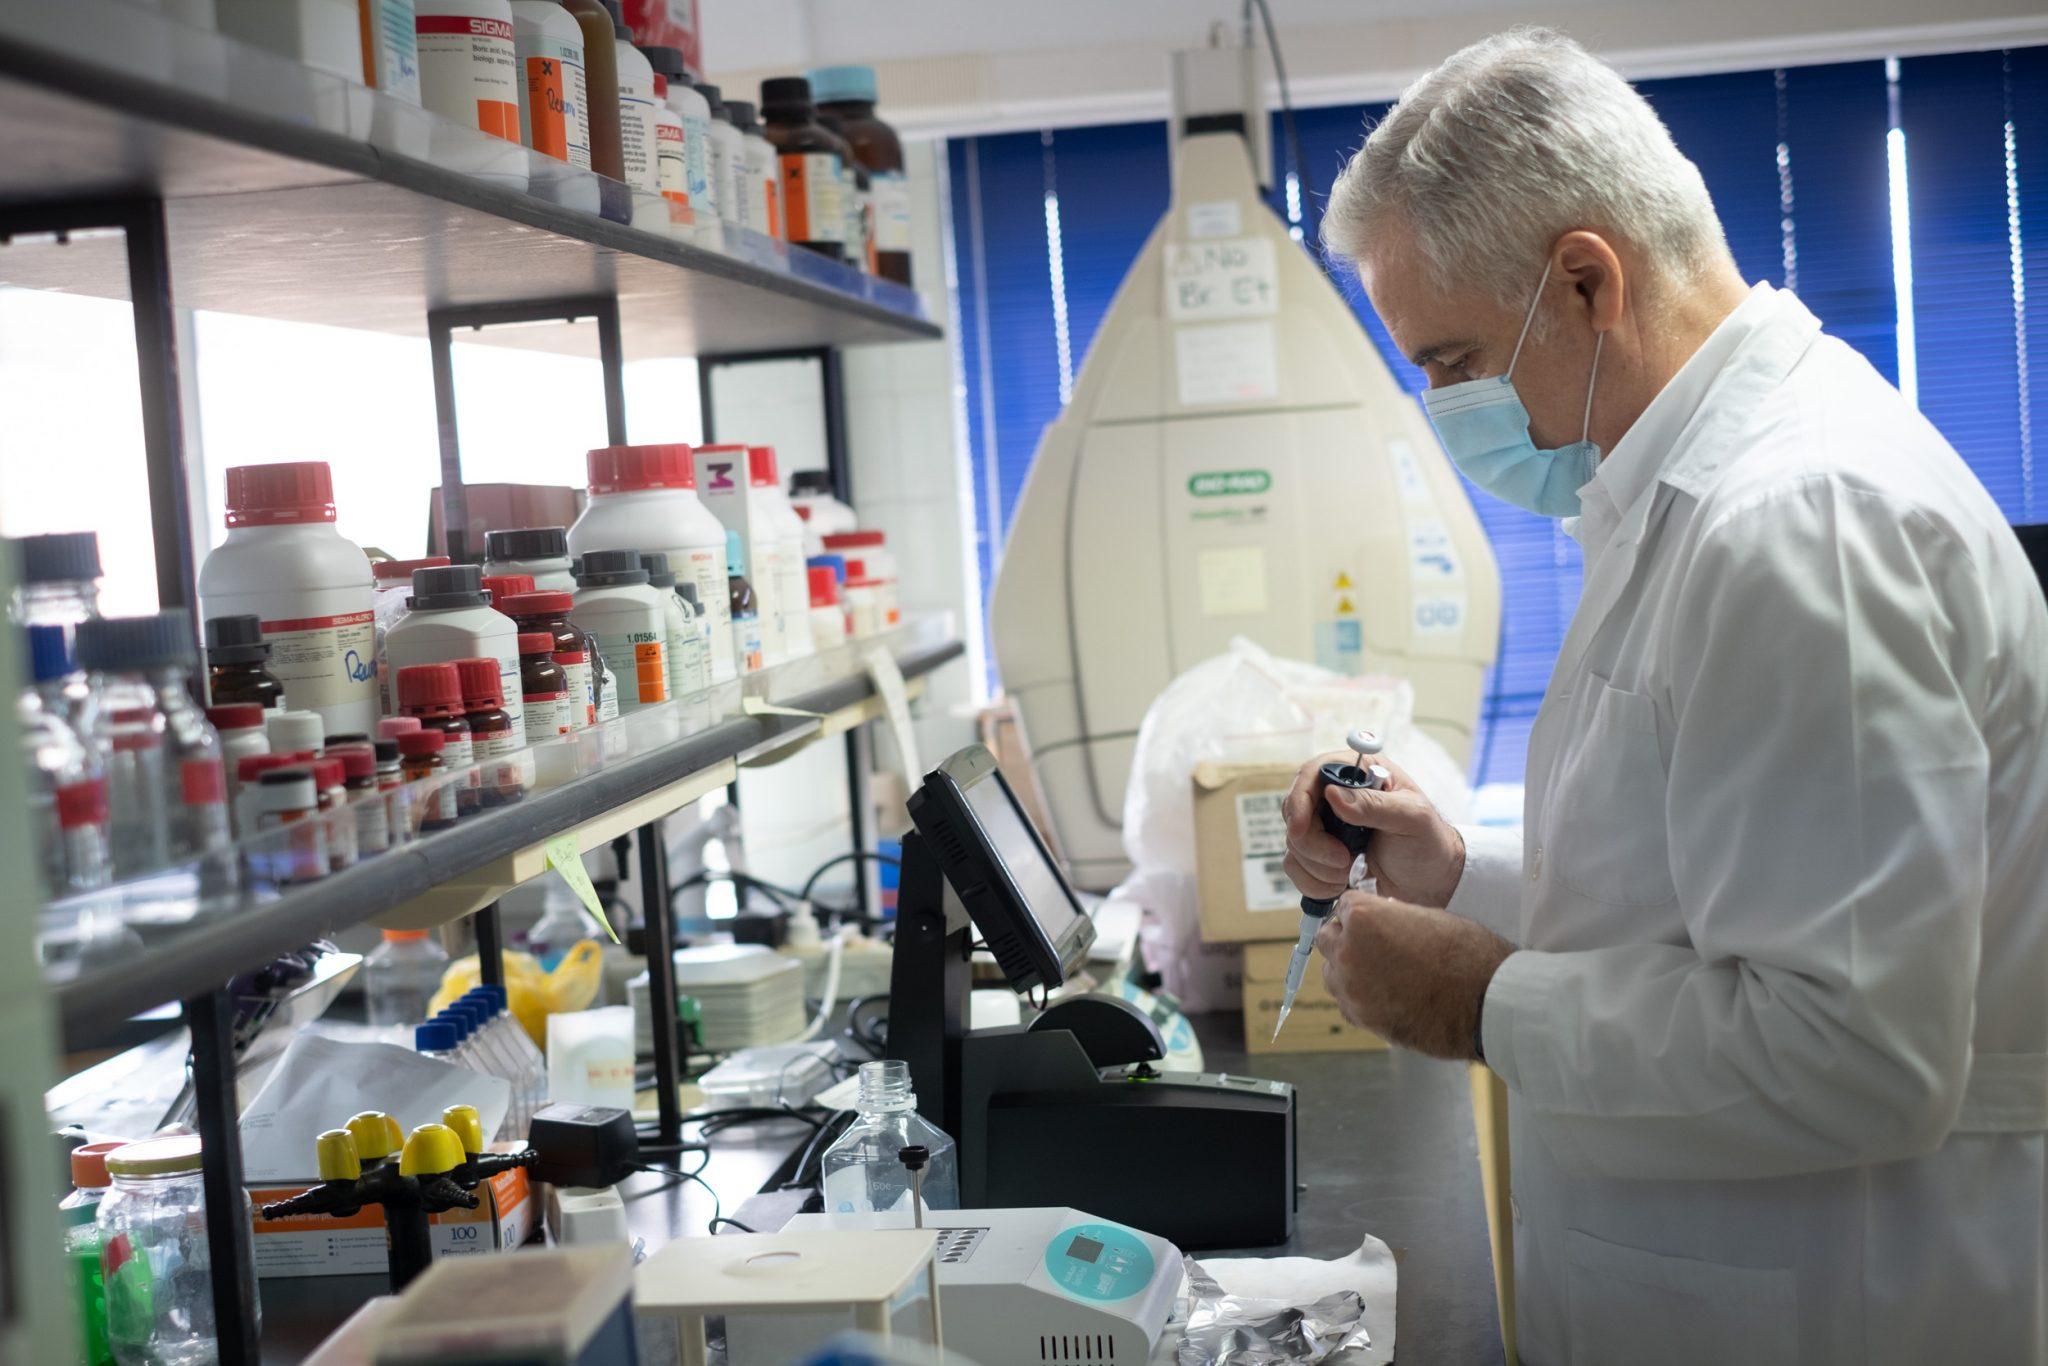 El jefe del servicio de Reumatología e investigador del HUC, Federico Díaz, lidera esta investigación, uno de los dos estudios financiados por el Instituto de Salud Carlos III en Tenerife. Fran Pallero